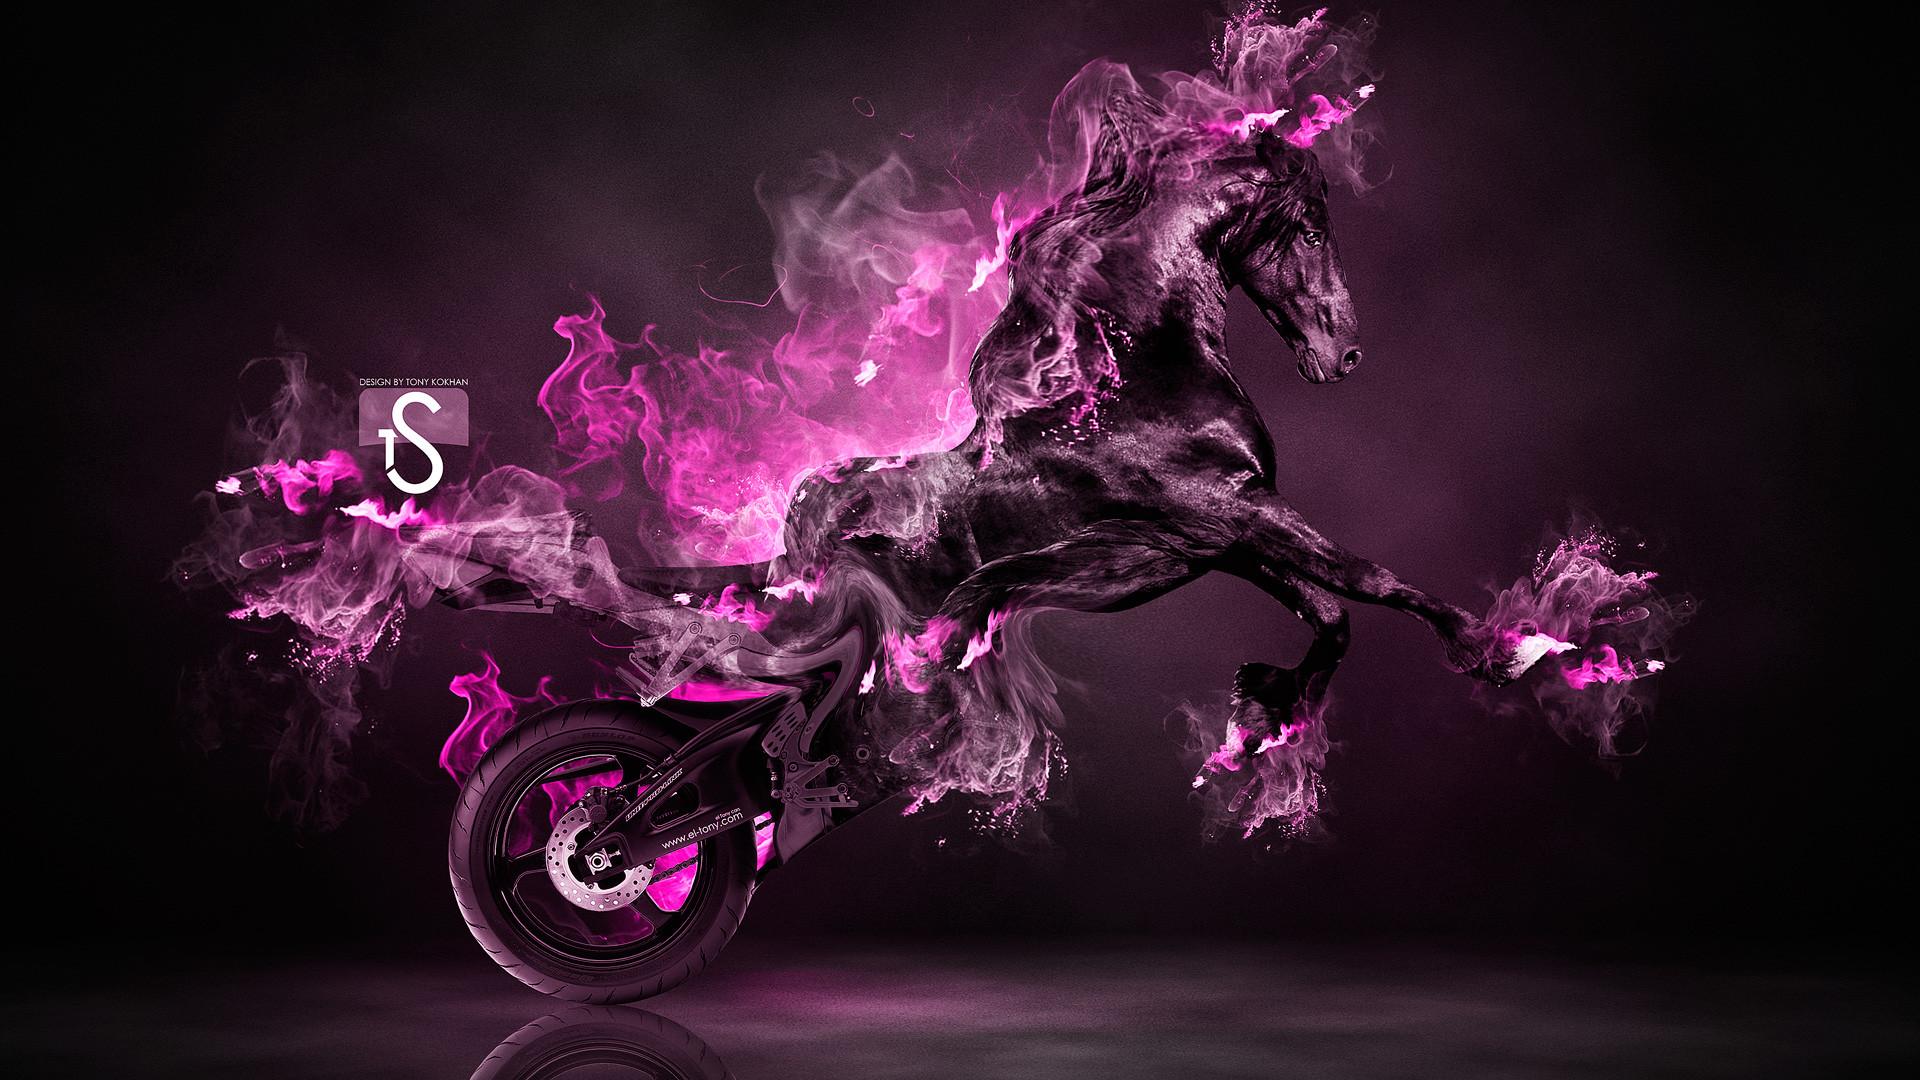 1920x1080 Fire Moto Fantasy Horse 2013 Â« El Tony